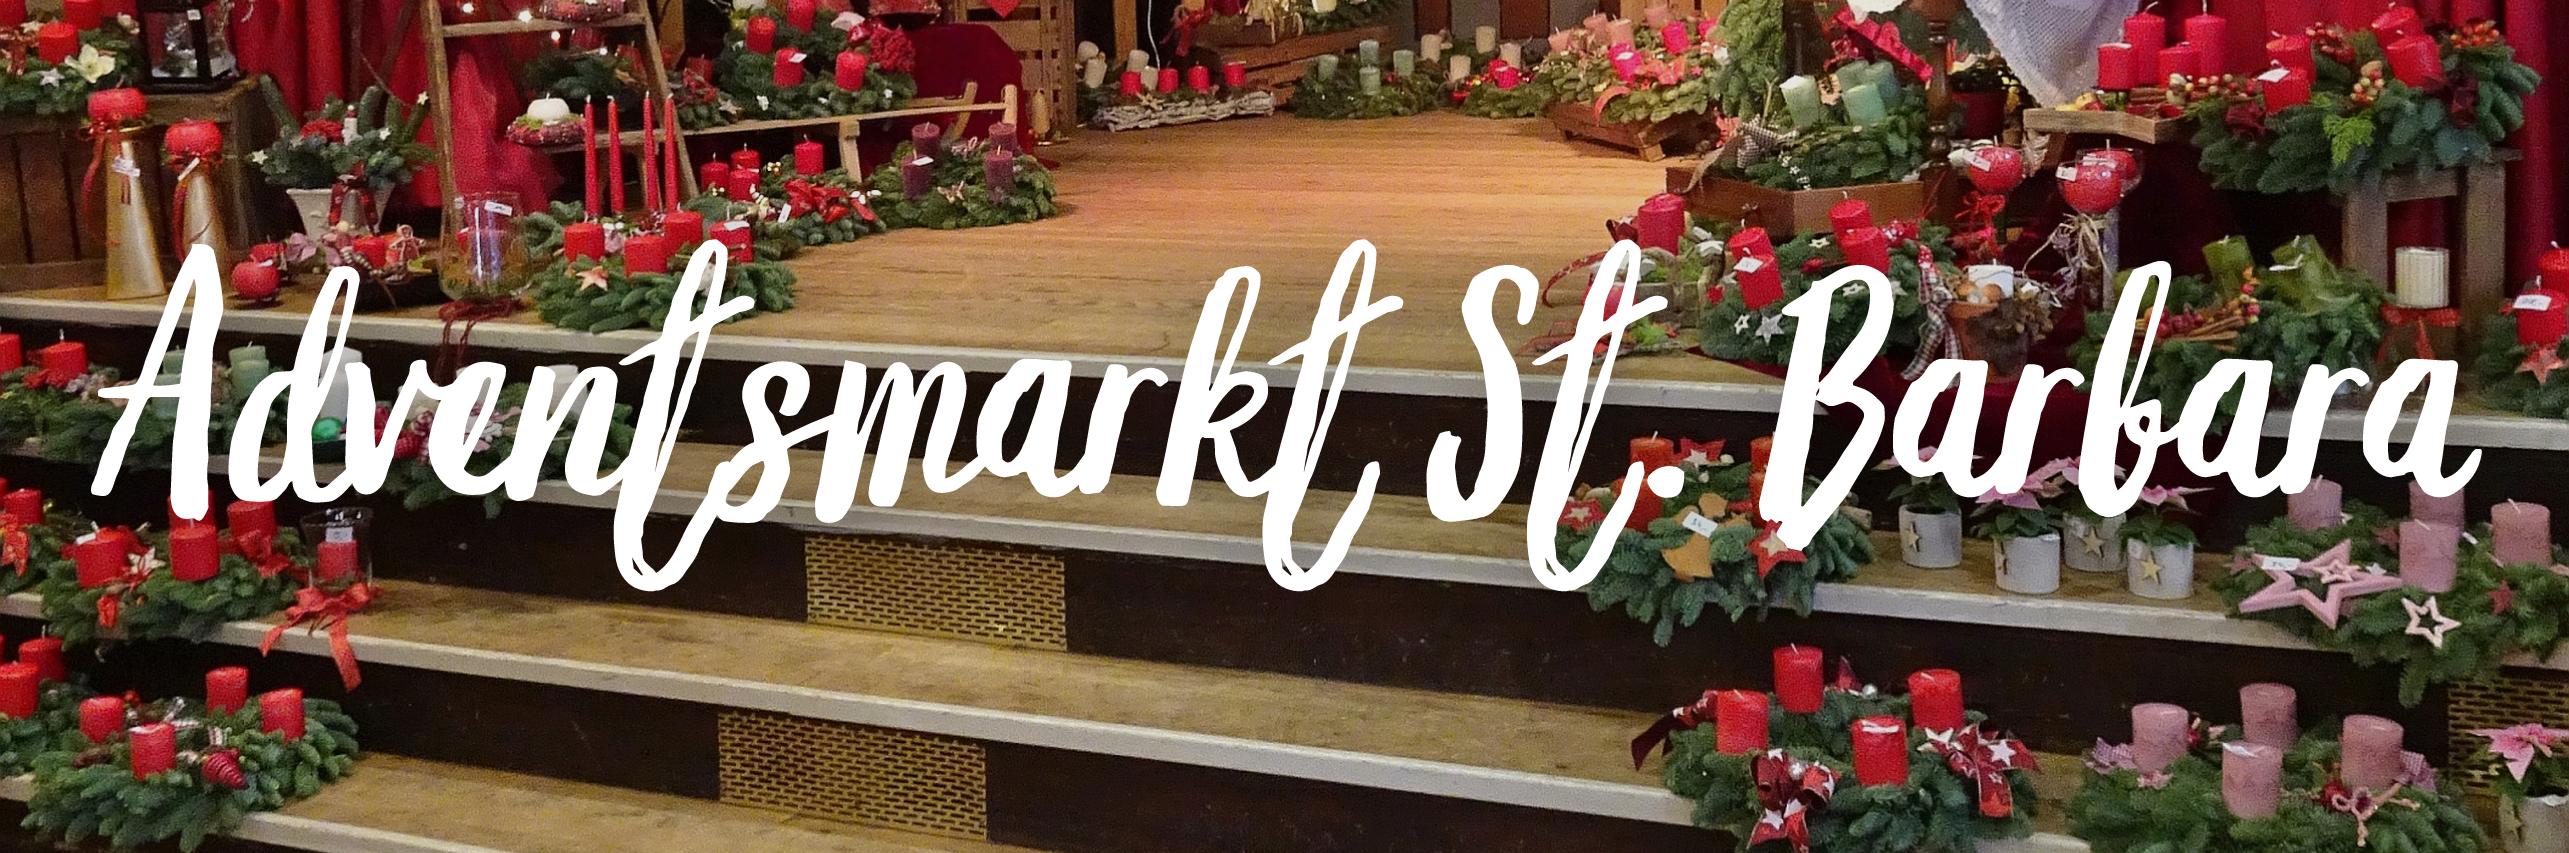 Link zu dem Adventsmarkt St. Barbara 2020